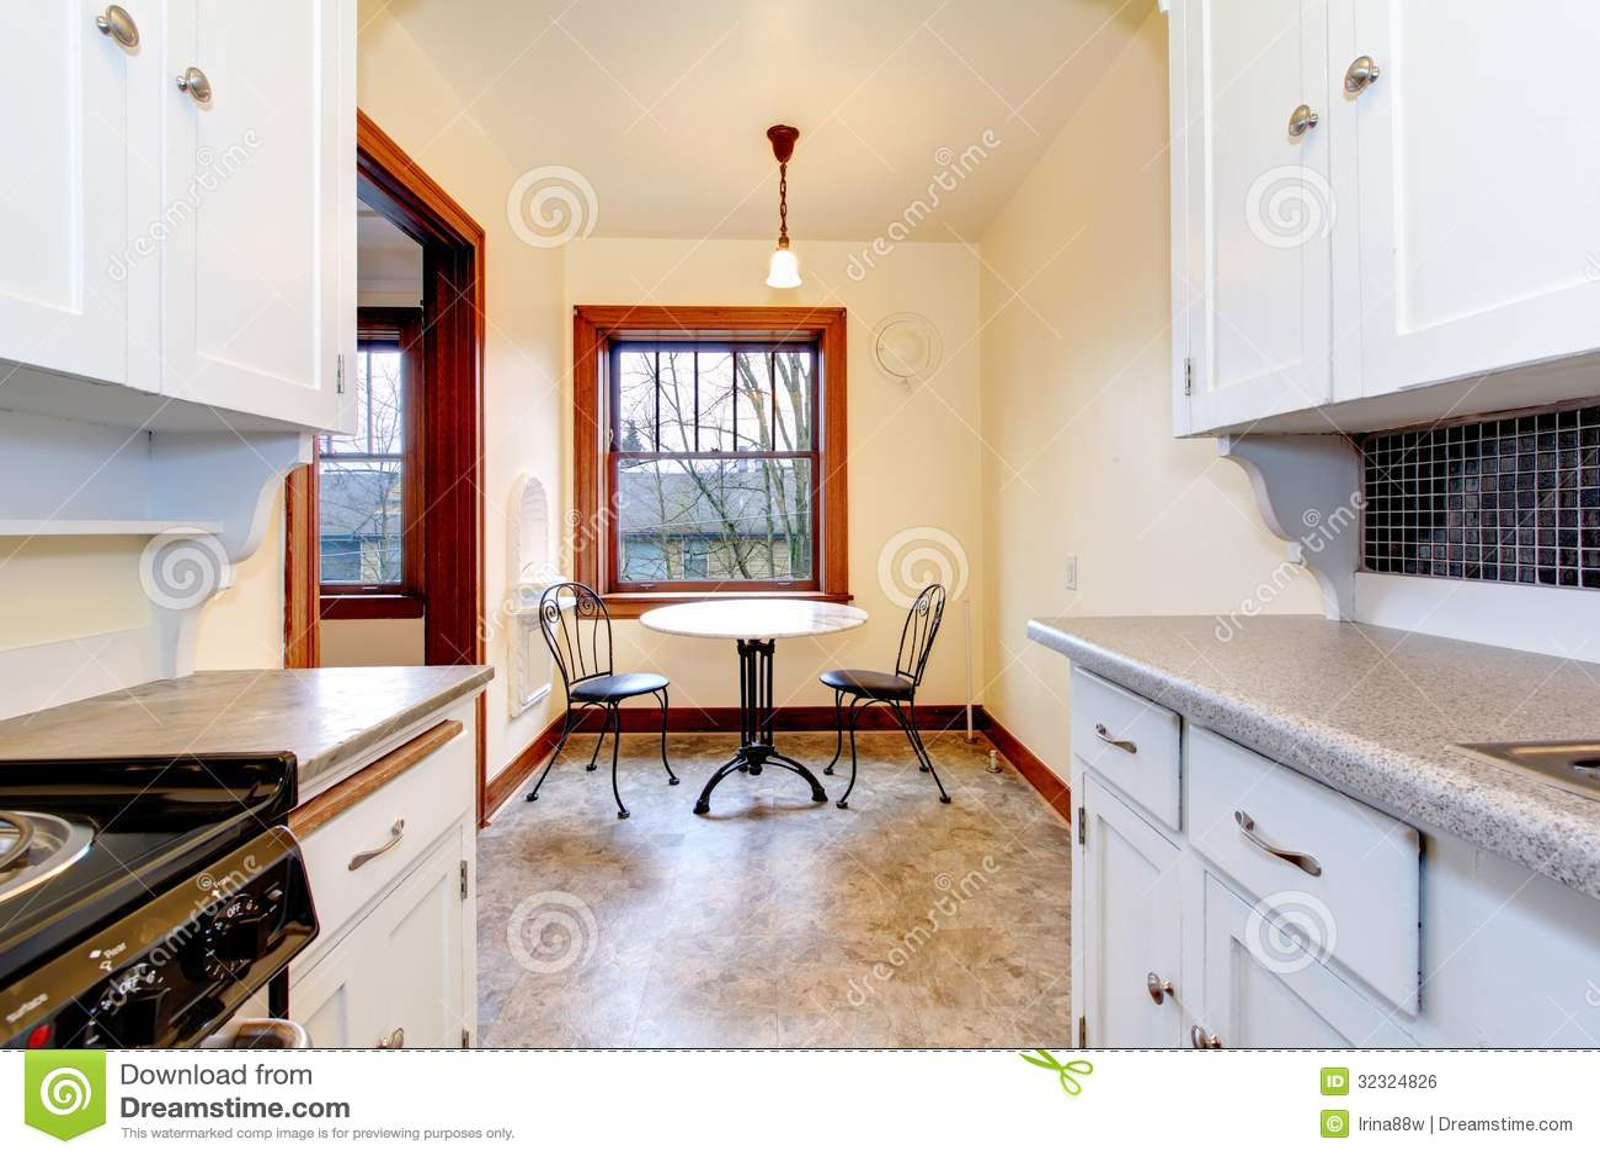 Witte oude keuken met kleine eettafel royalty vrije stock afbeelding afbeelding 32324826 - Oude foto keuken ...